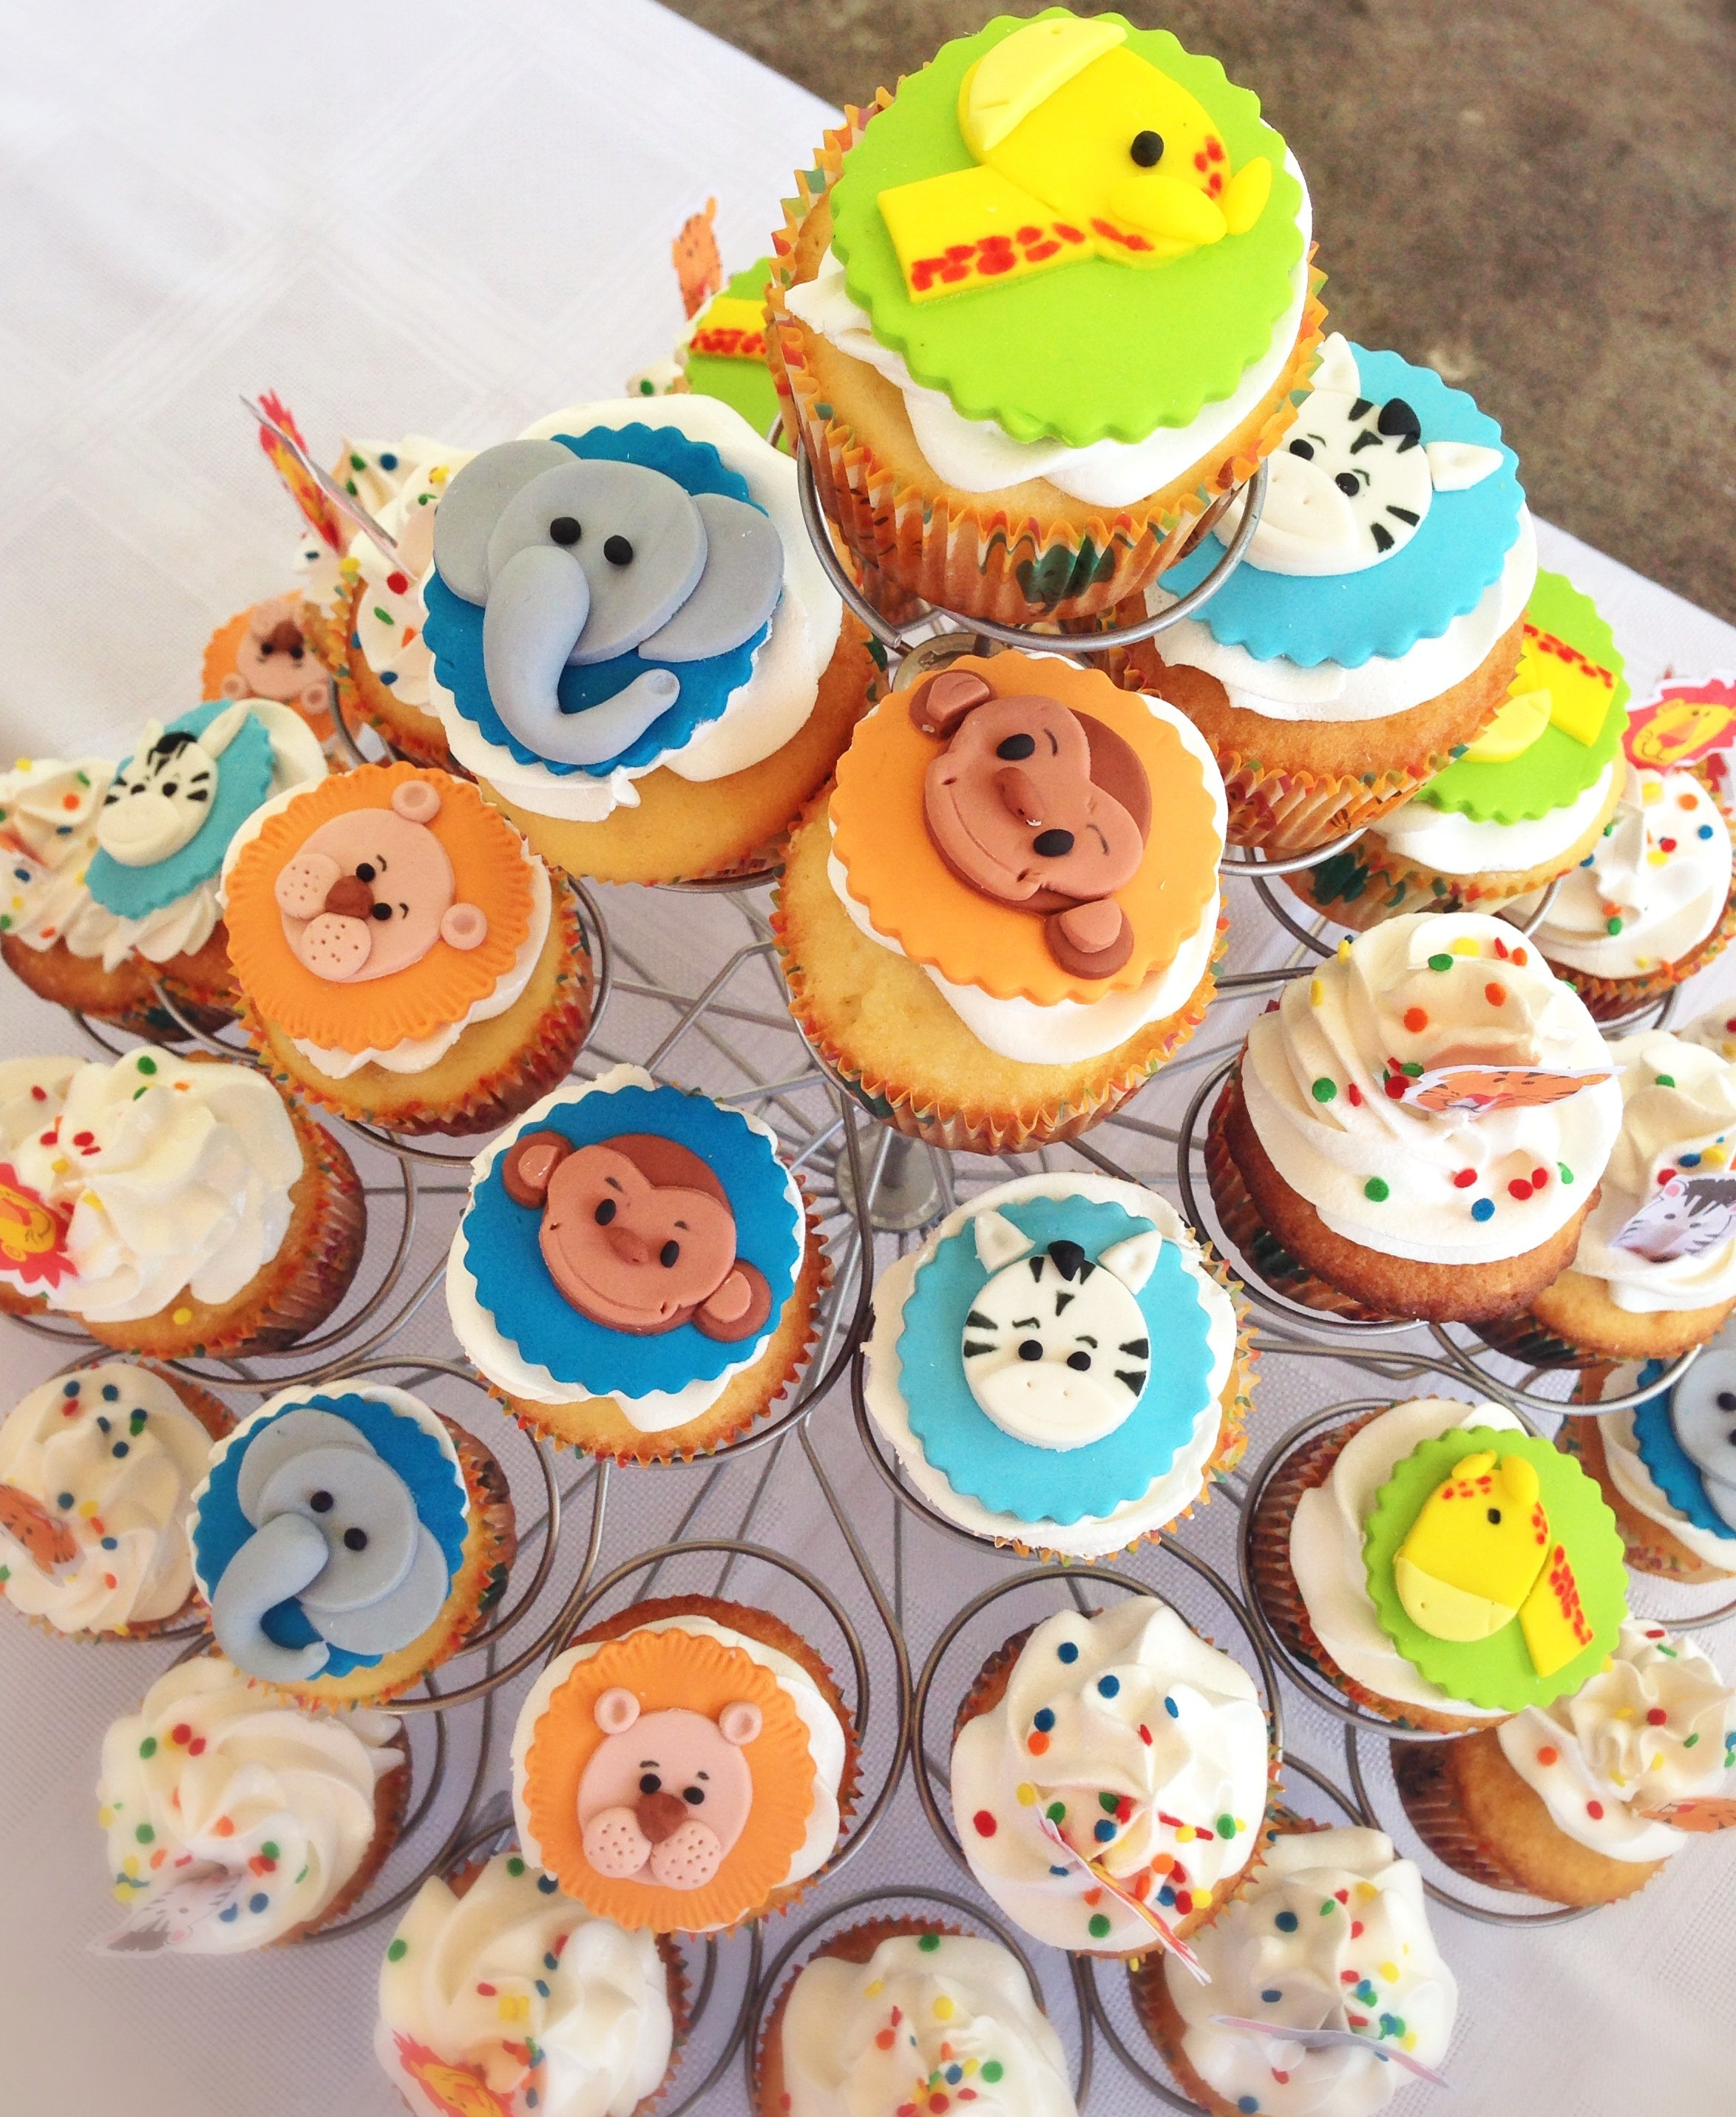 Cup Cakes hechos por @McreativoRd, motivo: animales de la selva.